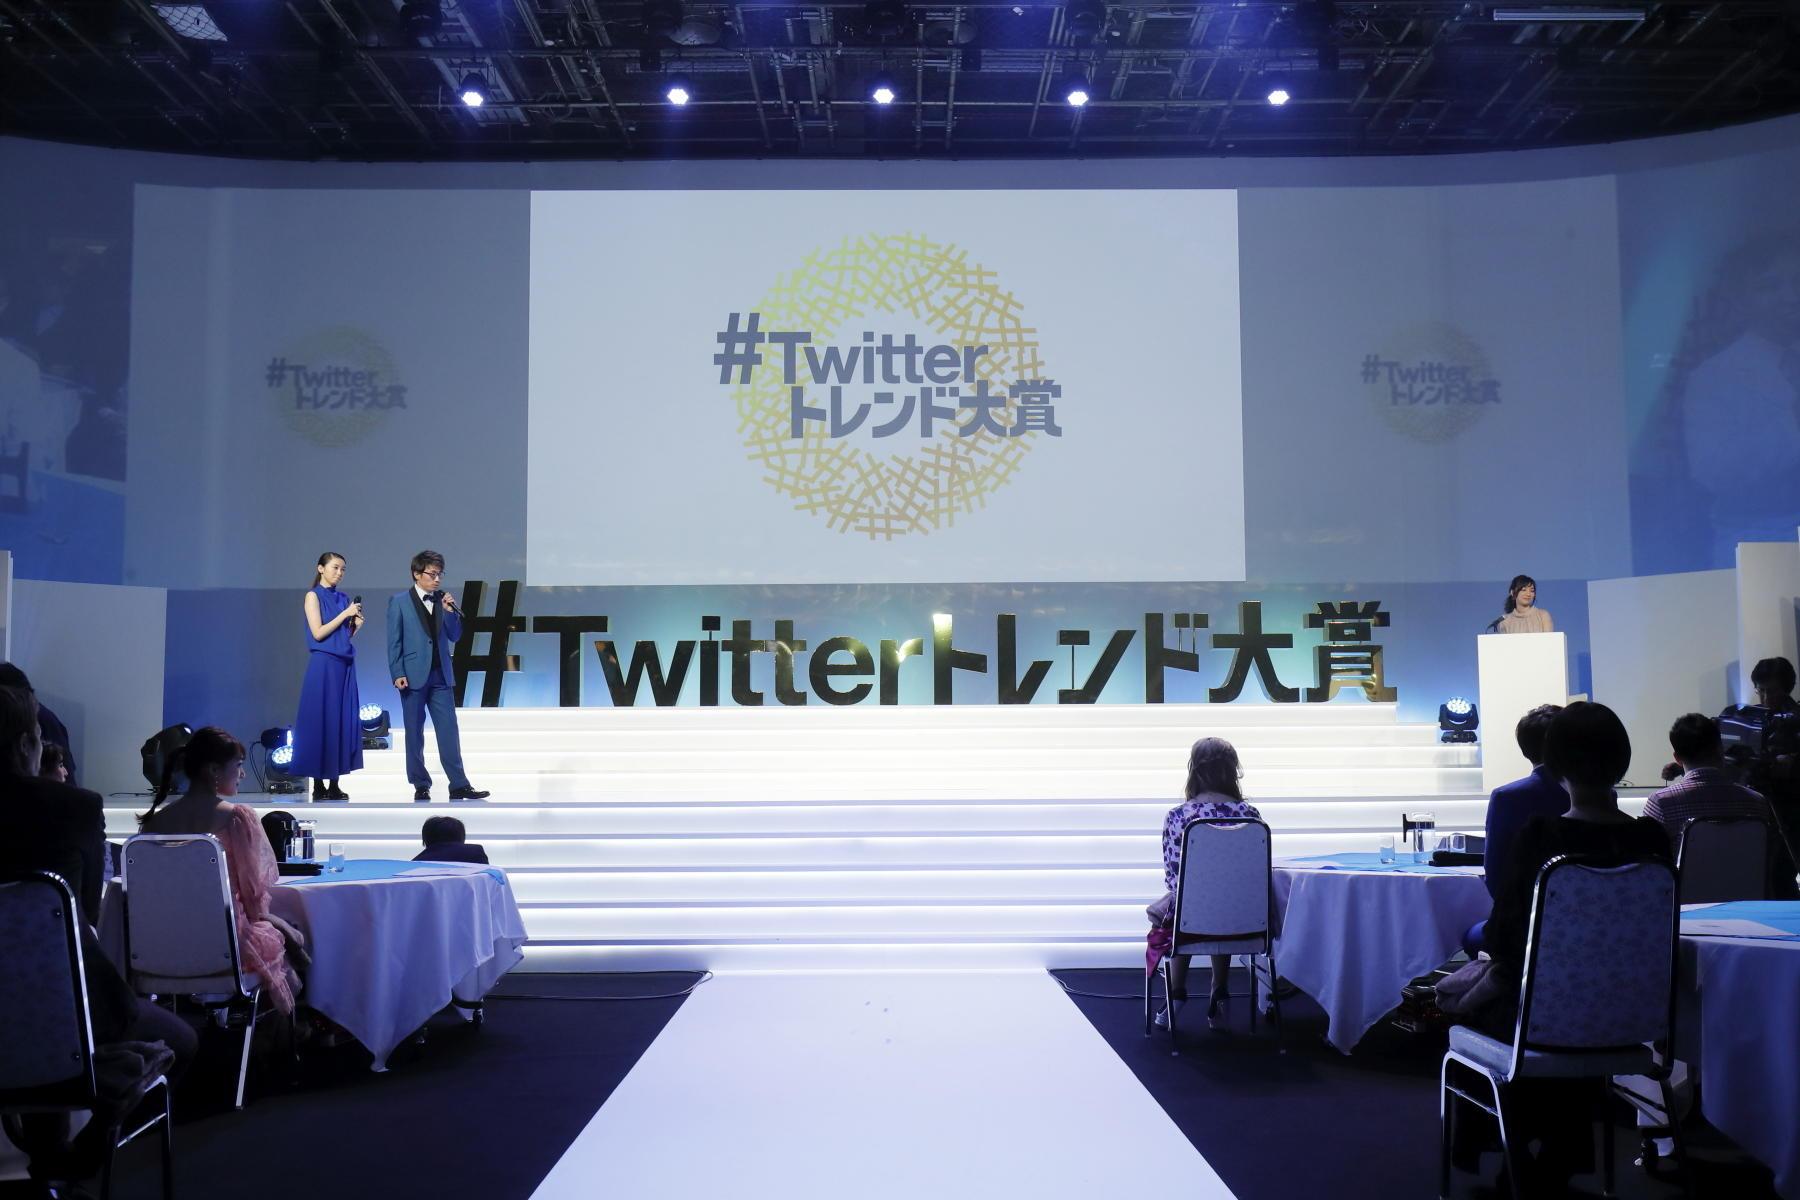 http://news.yoshimoto.co.jp/20190122013439-4f828c5b5d493ae0a381107dce39c326716bdfb2.jpg